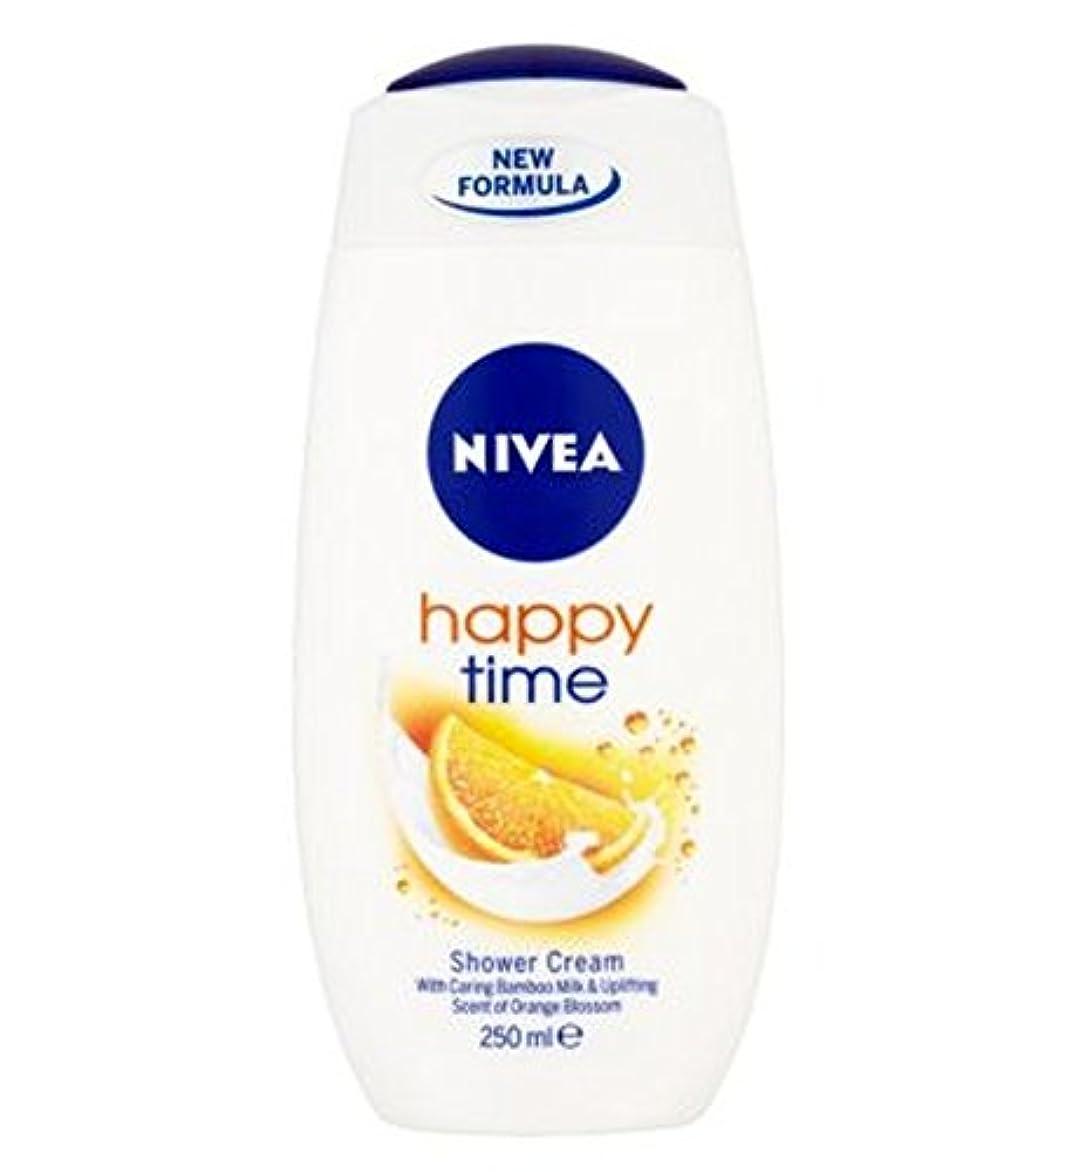 彼らの証言ループニベア幸せな時間シャワークリーム250ミリリットル (Nivea) (x2) - NIVEA Happy Time Shower Cream 250ml (Pack of 2) [並行輸入品]